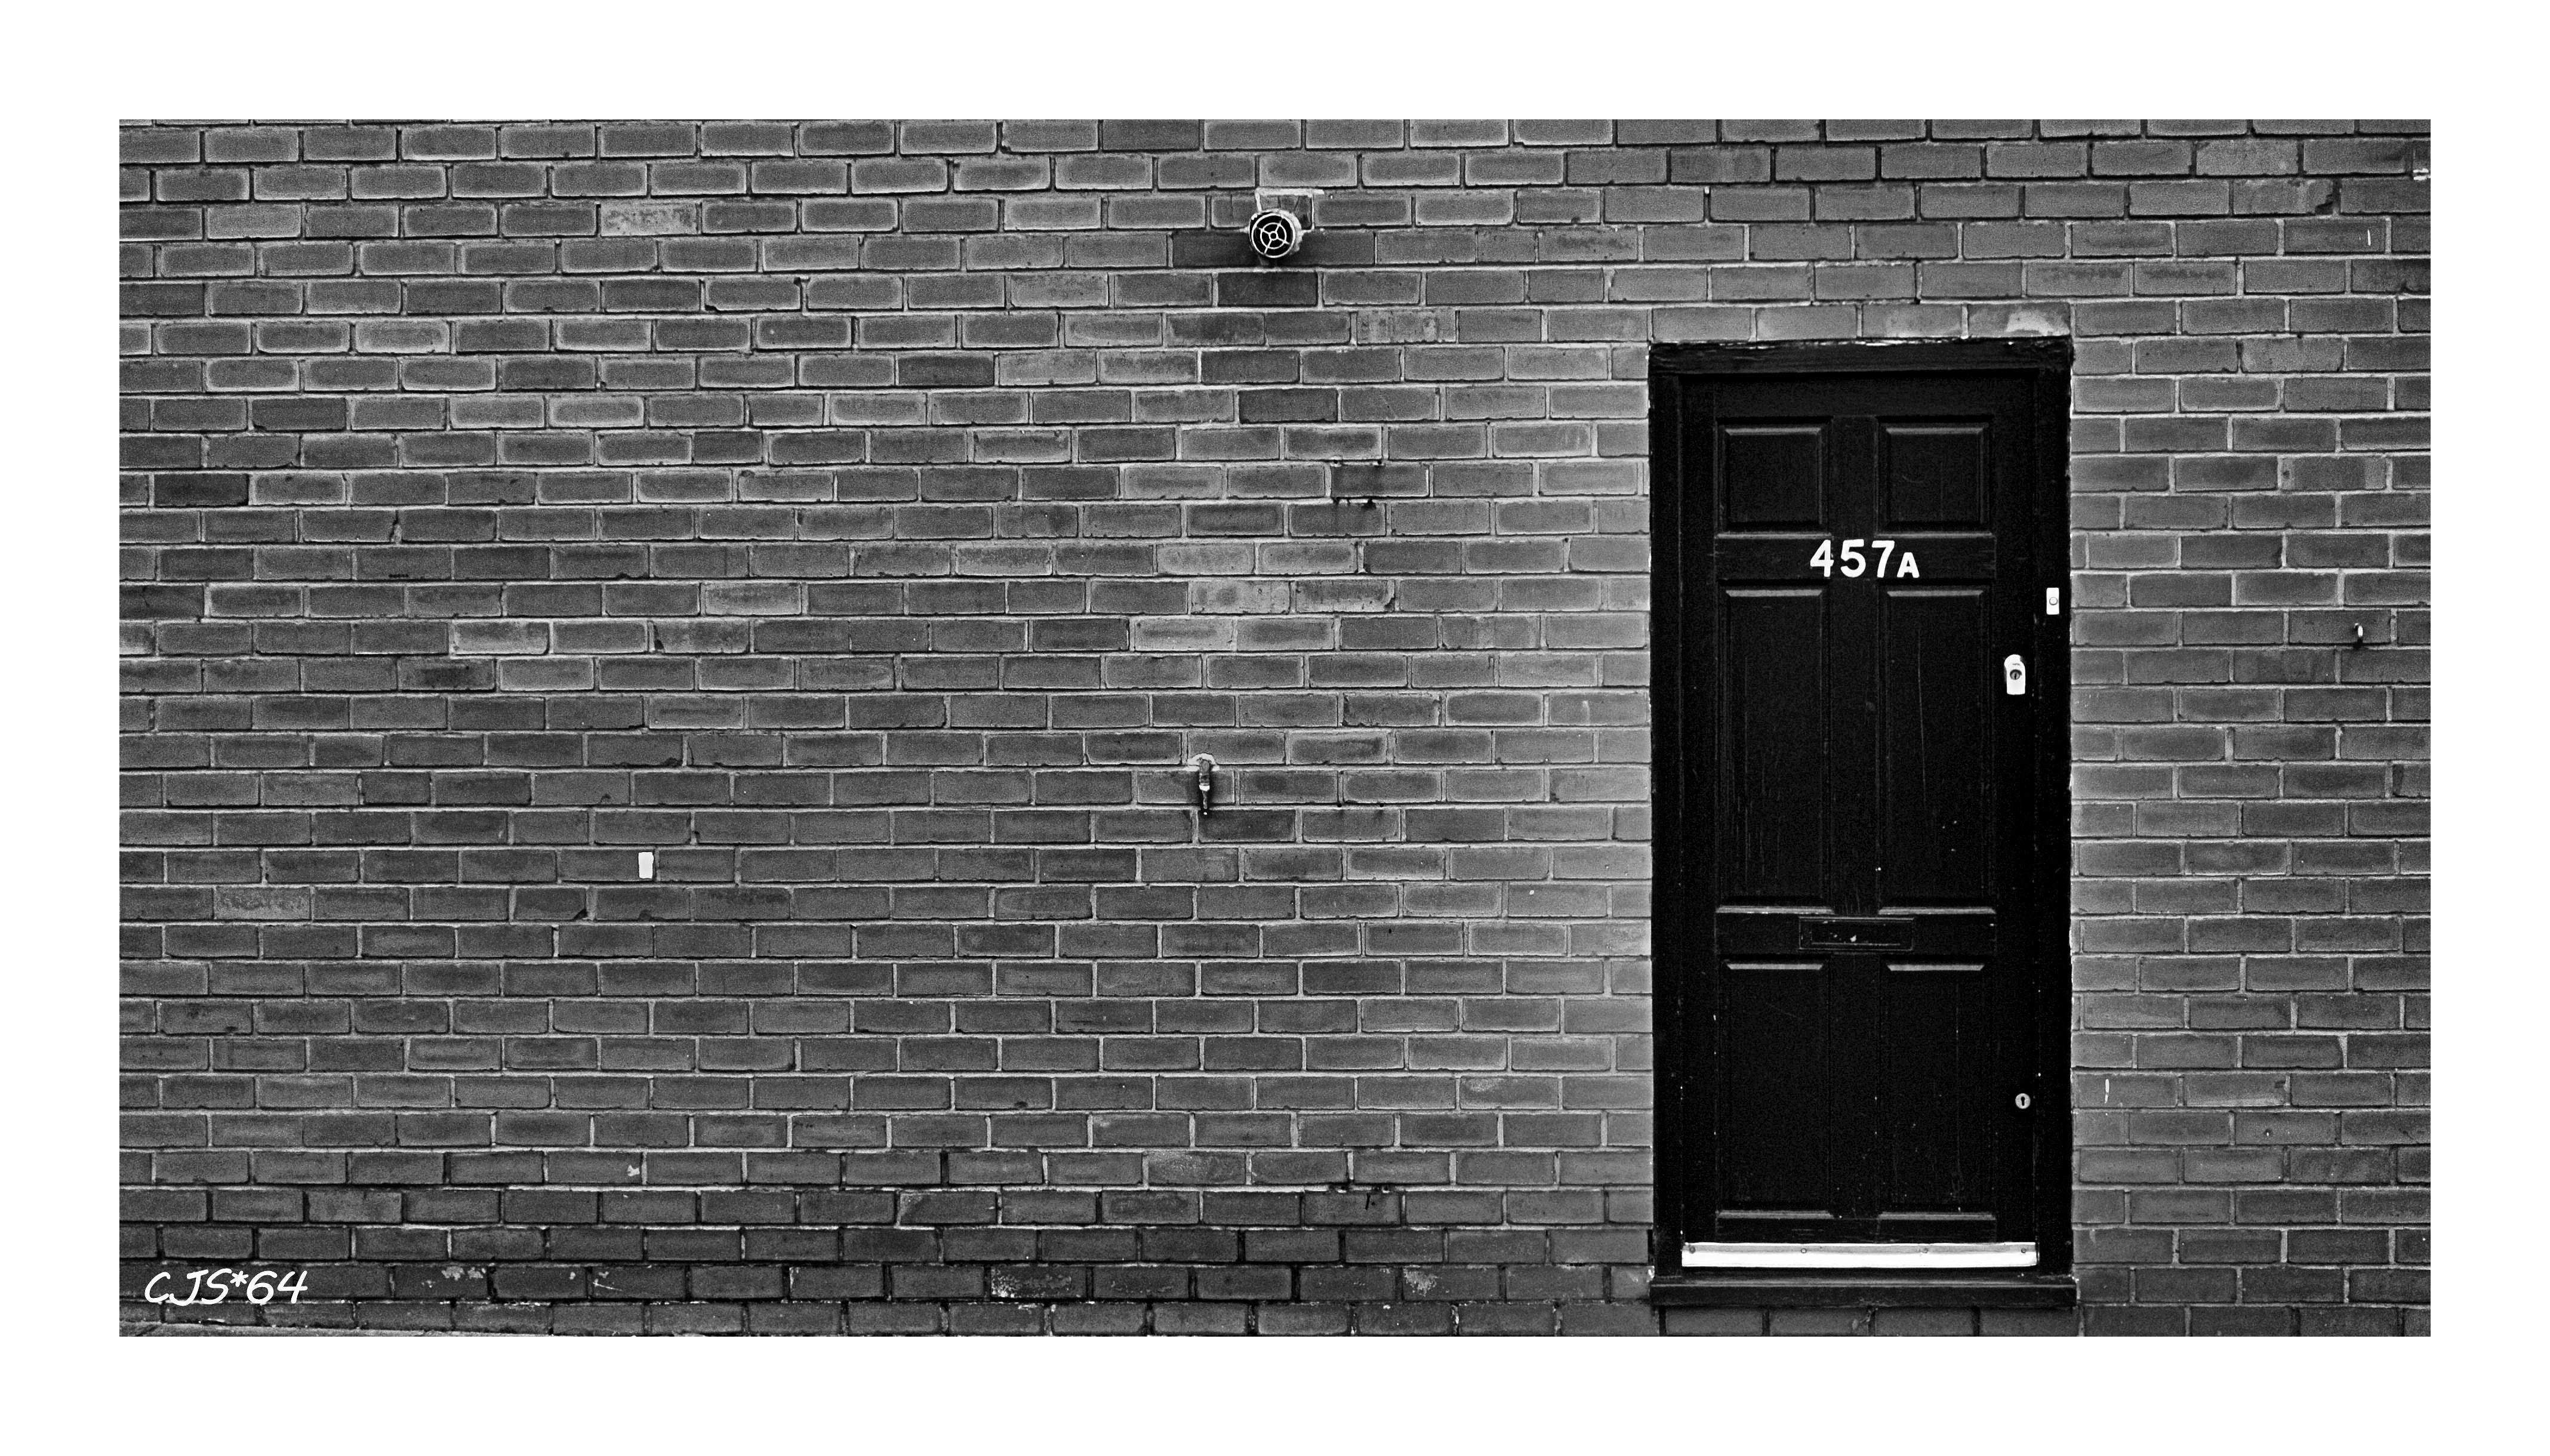 основное картинка серая стена на улице жилище монарха вместе